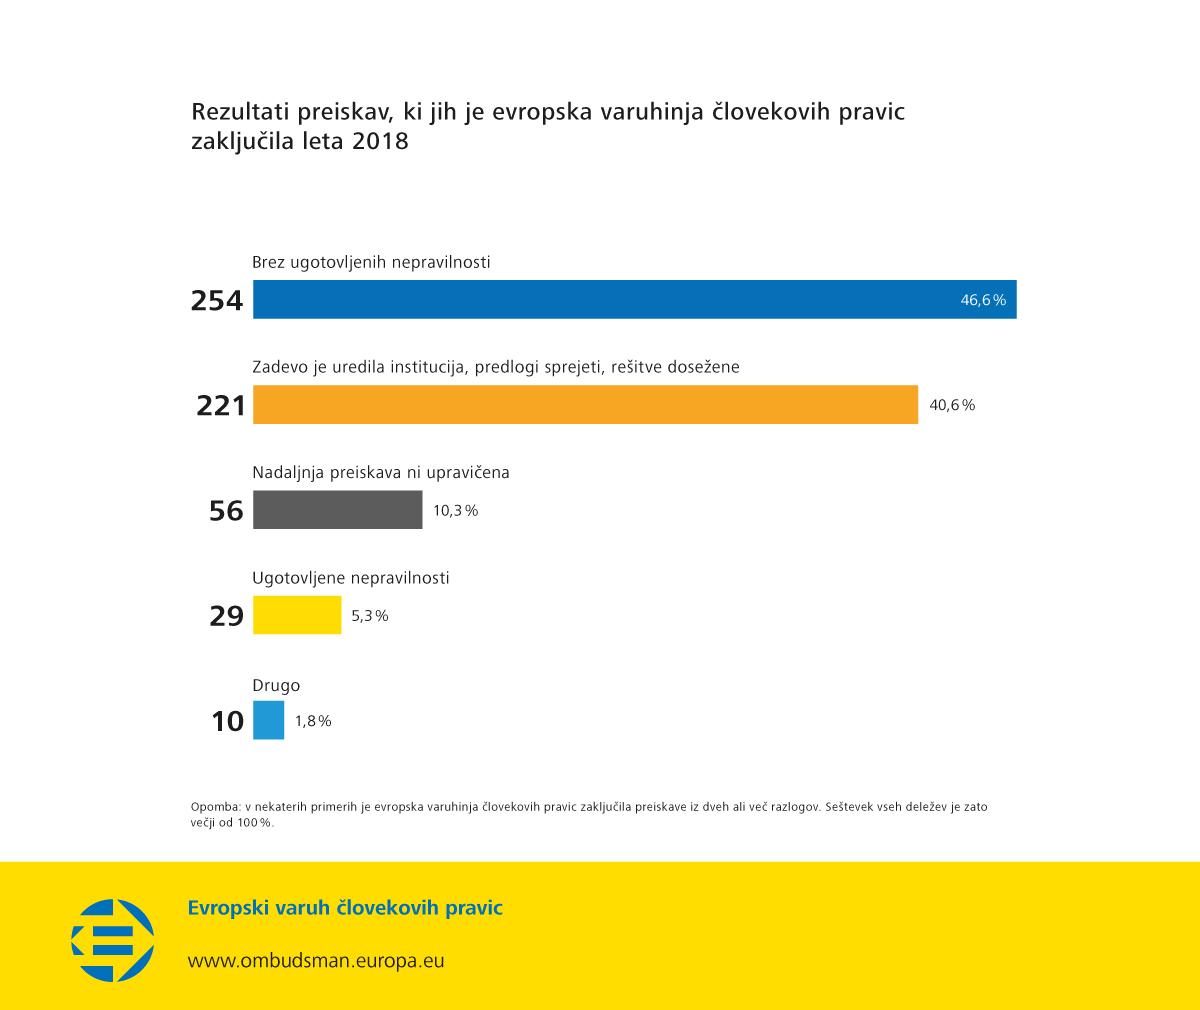 Rezultati preiskav, ki jih je evropska varuhinja človekovih pravic zaključila leta 2018